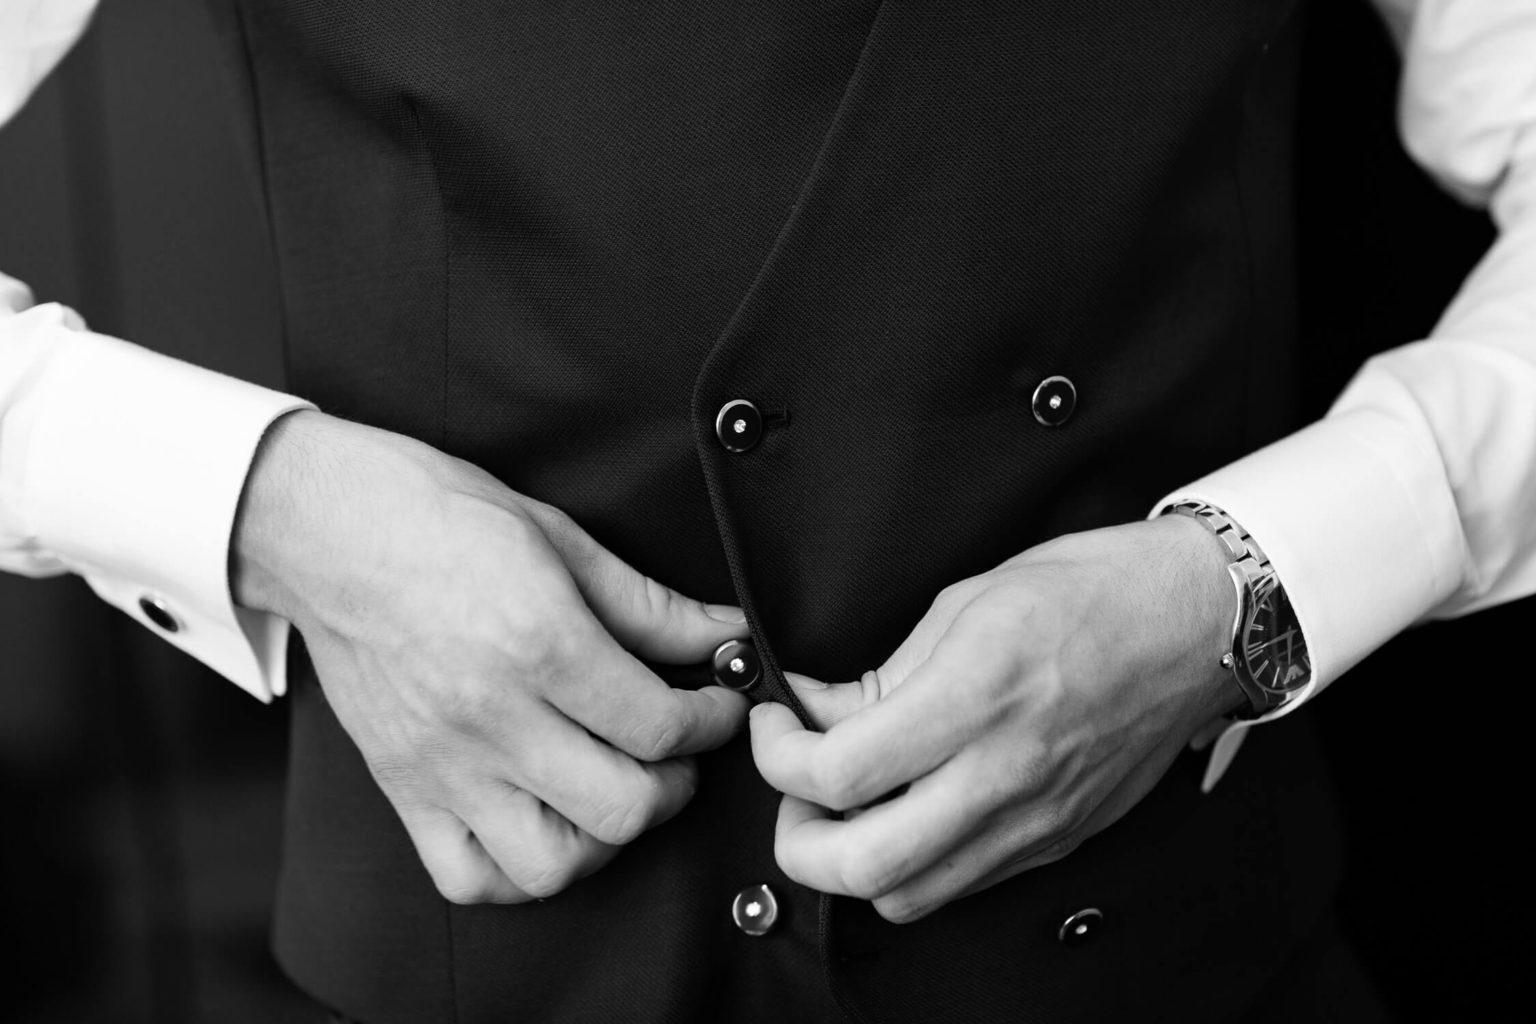 Dettaglio bottoni gilet dello sposo, foto per matrimonio a Palermo di Nino Lombardo